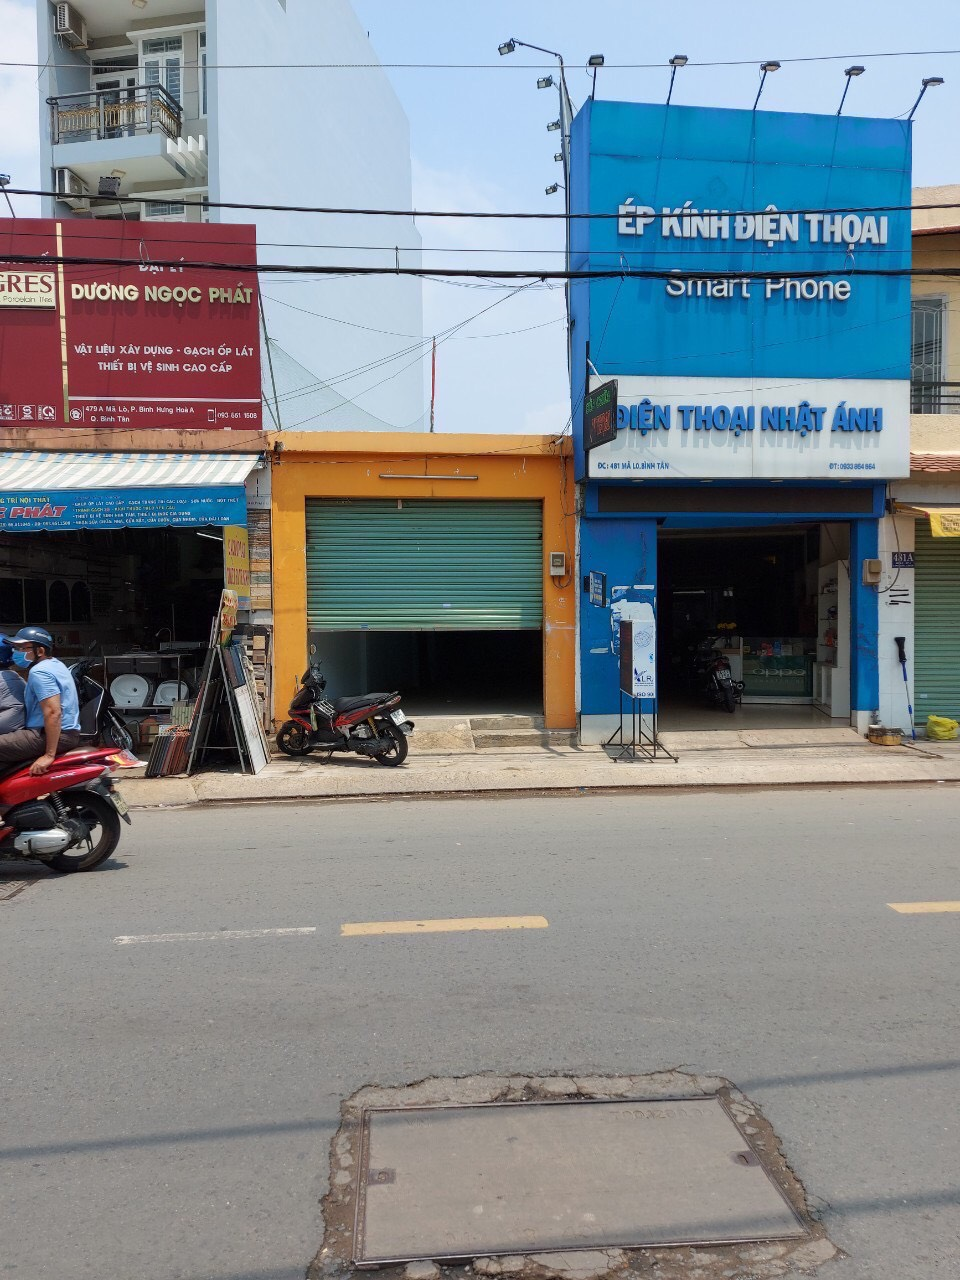 Bán nhà Mặt tiền đường Mã Lò quận Bình Tân giá rẻ 2020